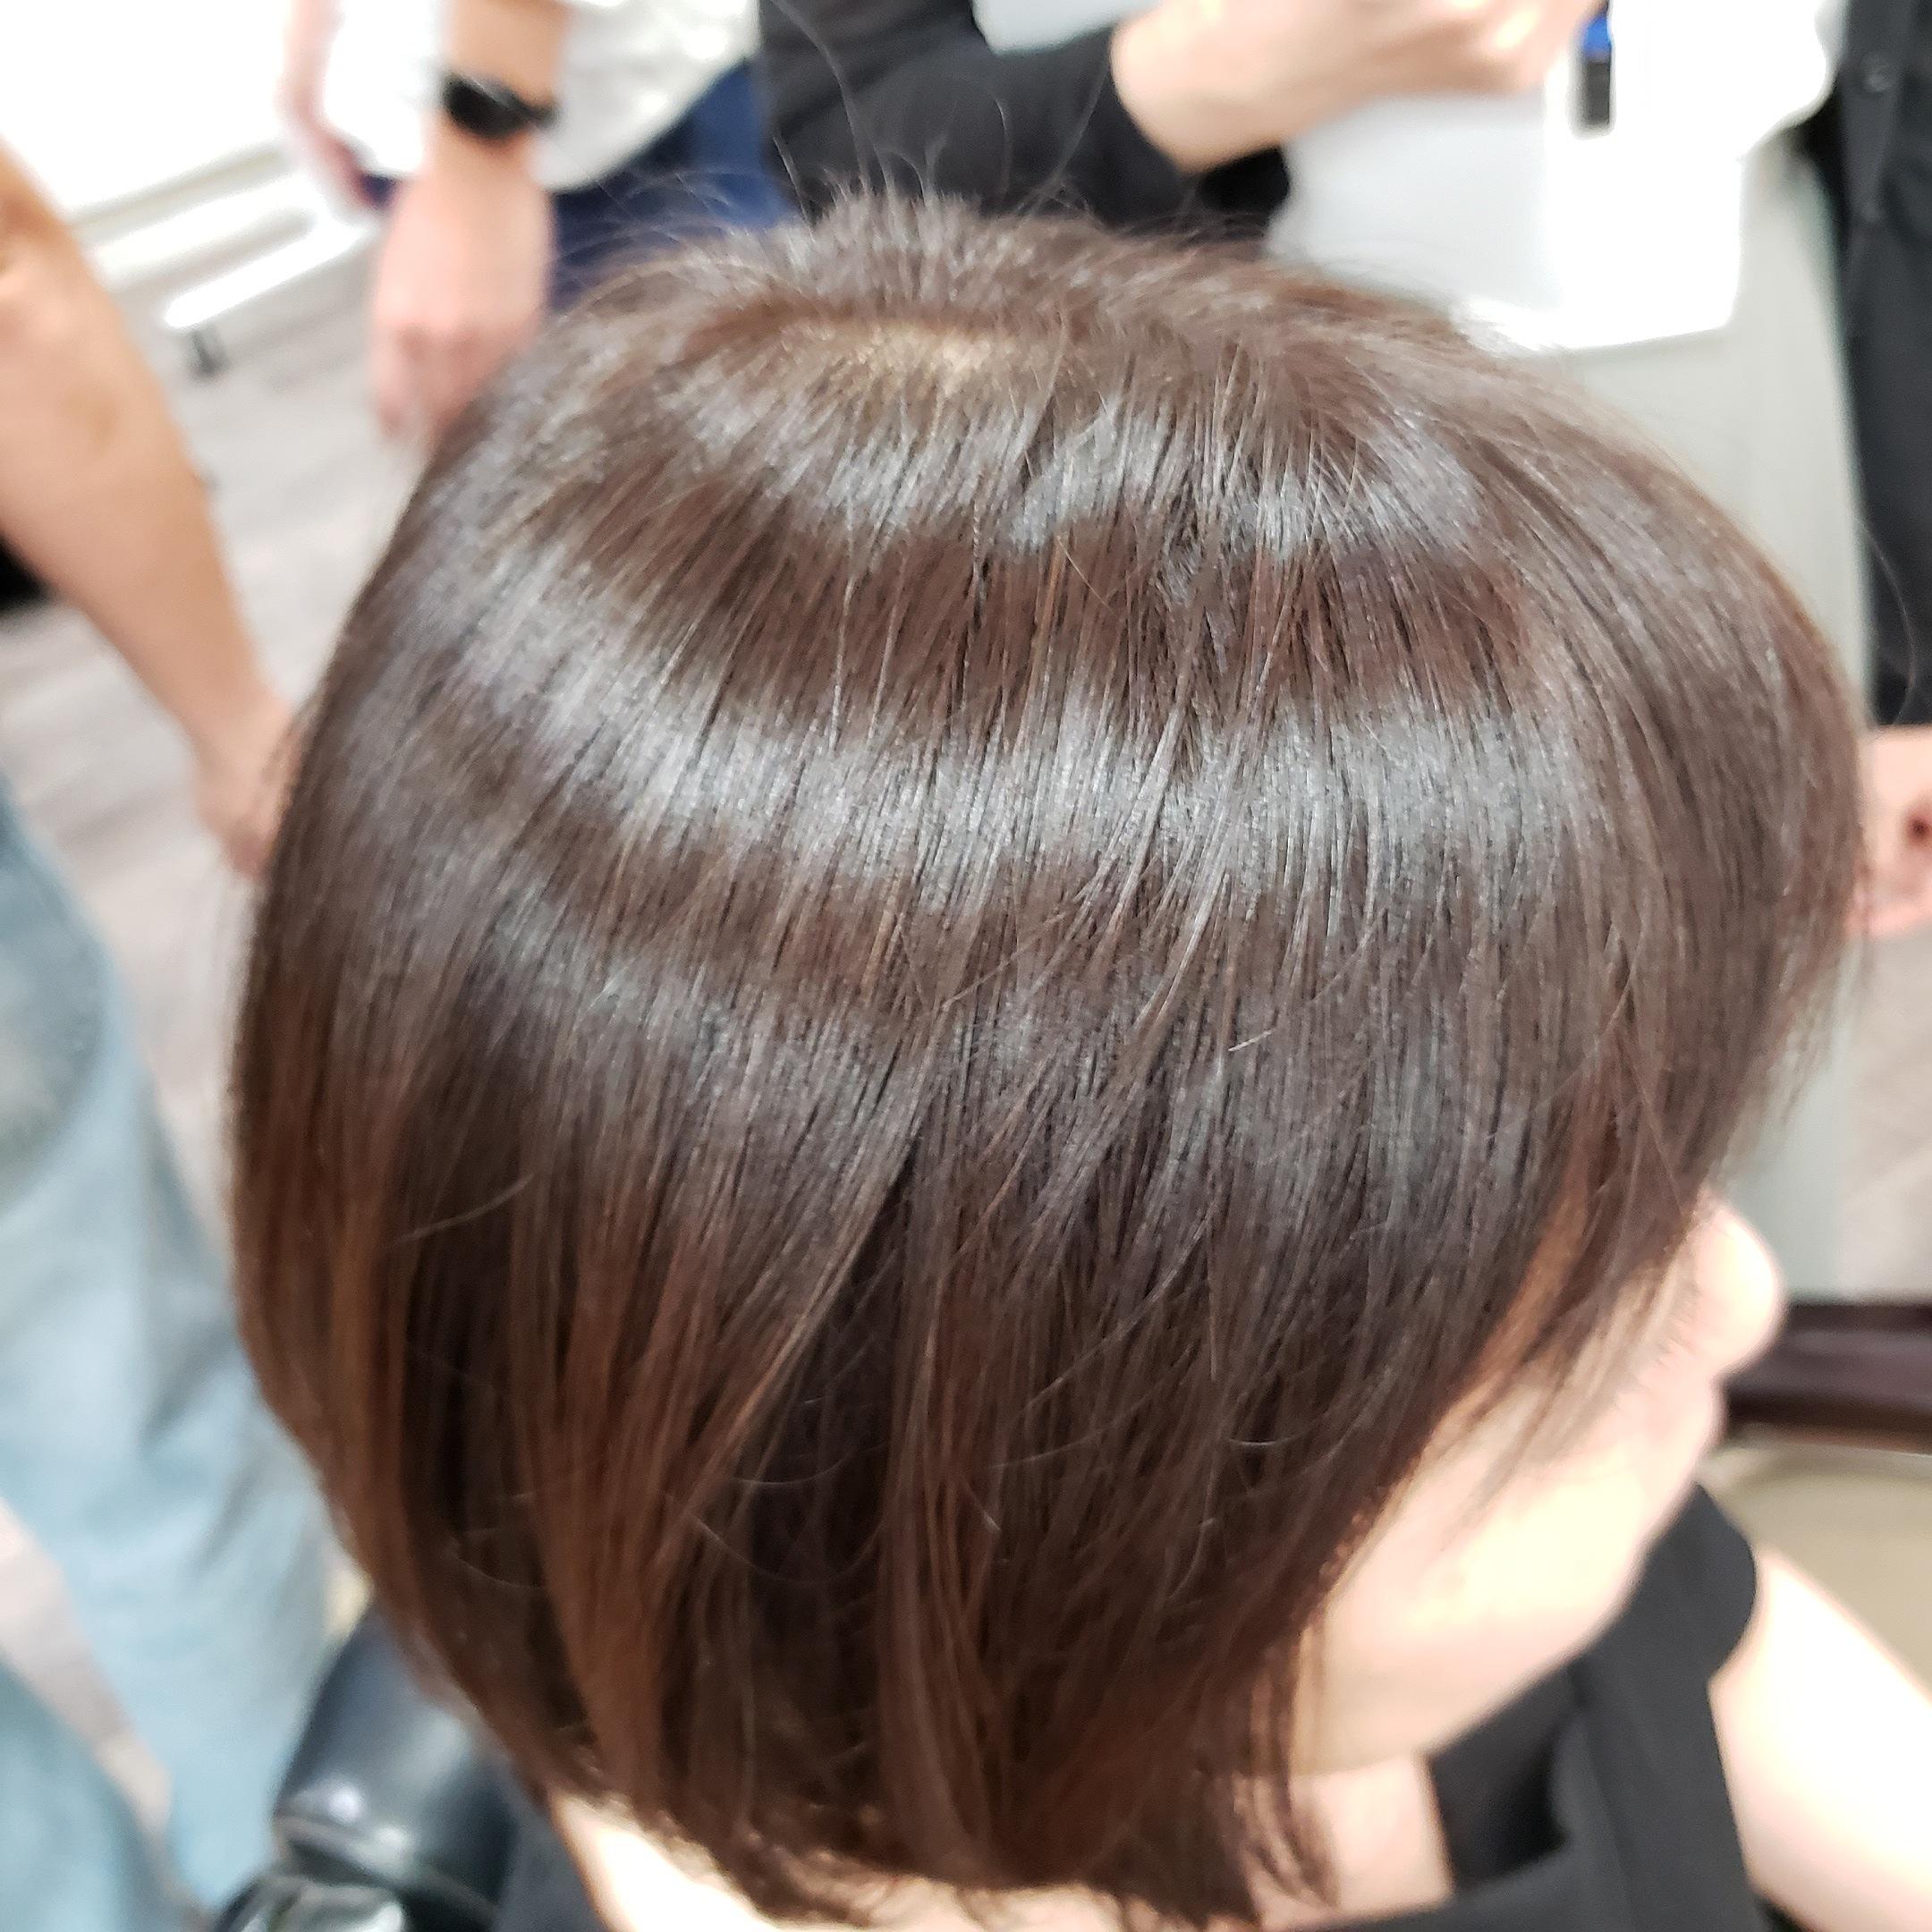 【カラーアレルギーの原因はジアミンアレルギー】安心なヘアカラーをするには?